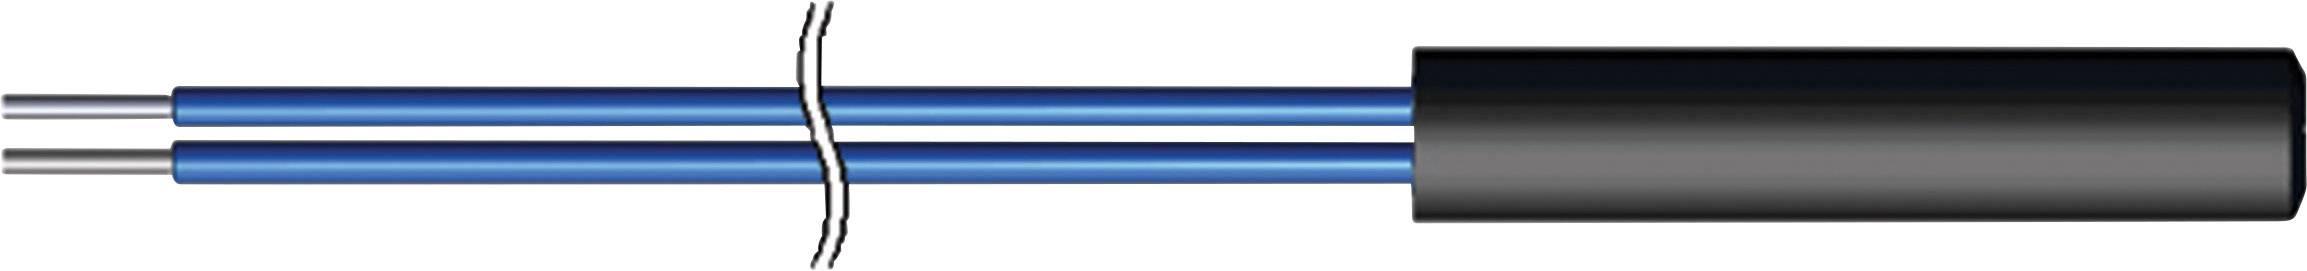 Jazyčkový kontakt StandexMeder Electronics 9143711054, 1 spínací, 180 V/DC, 180 V/AC, 0.5 A, 10 W